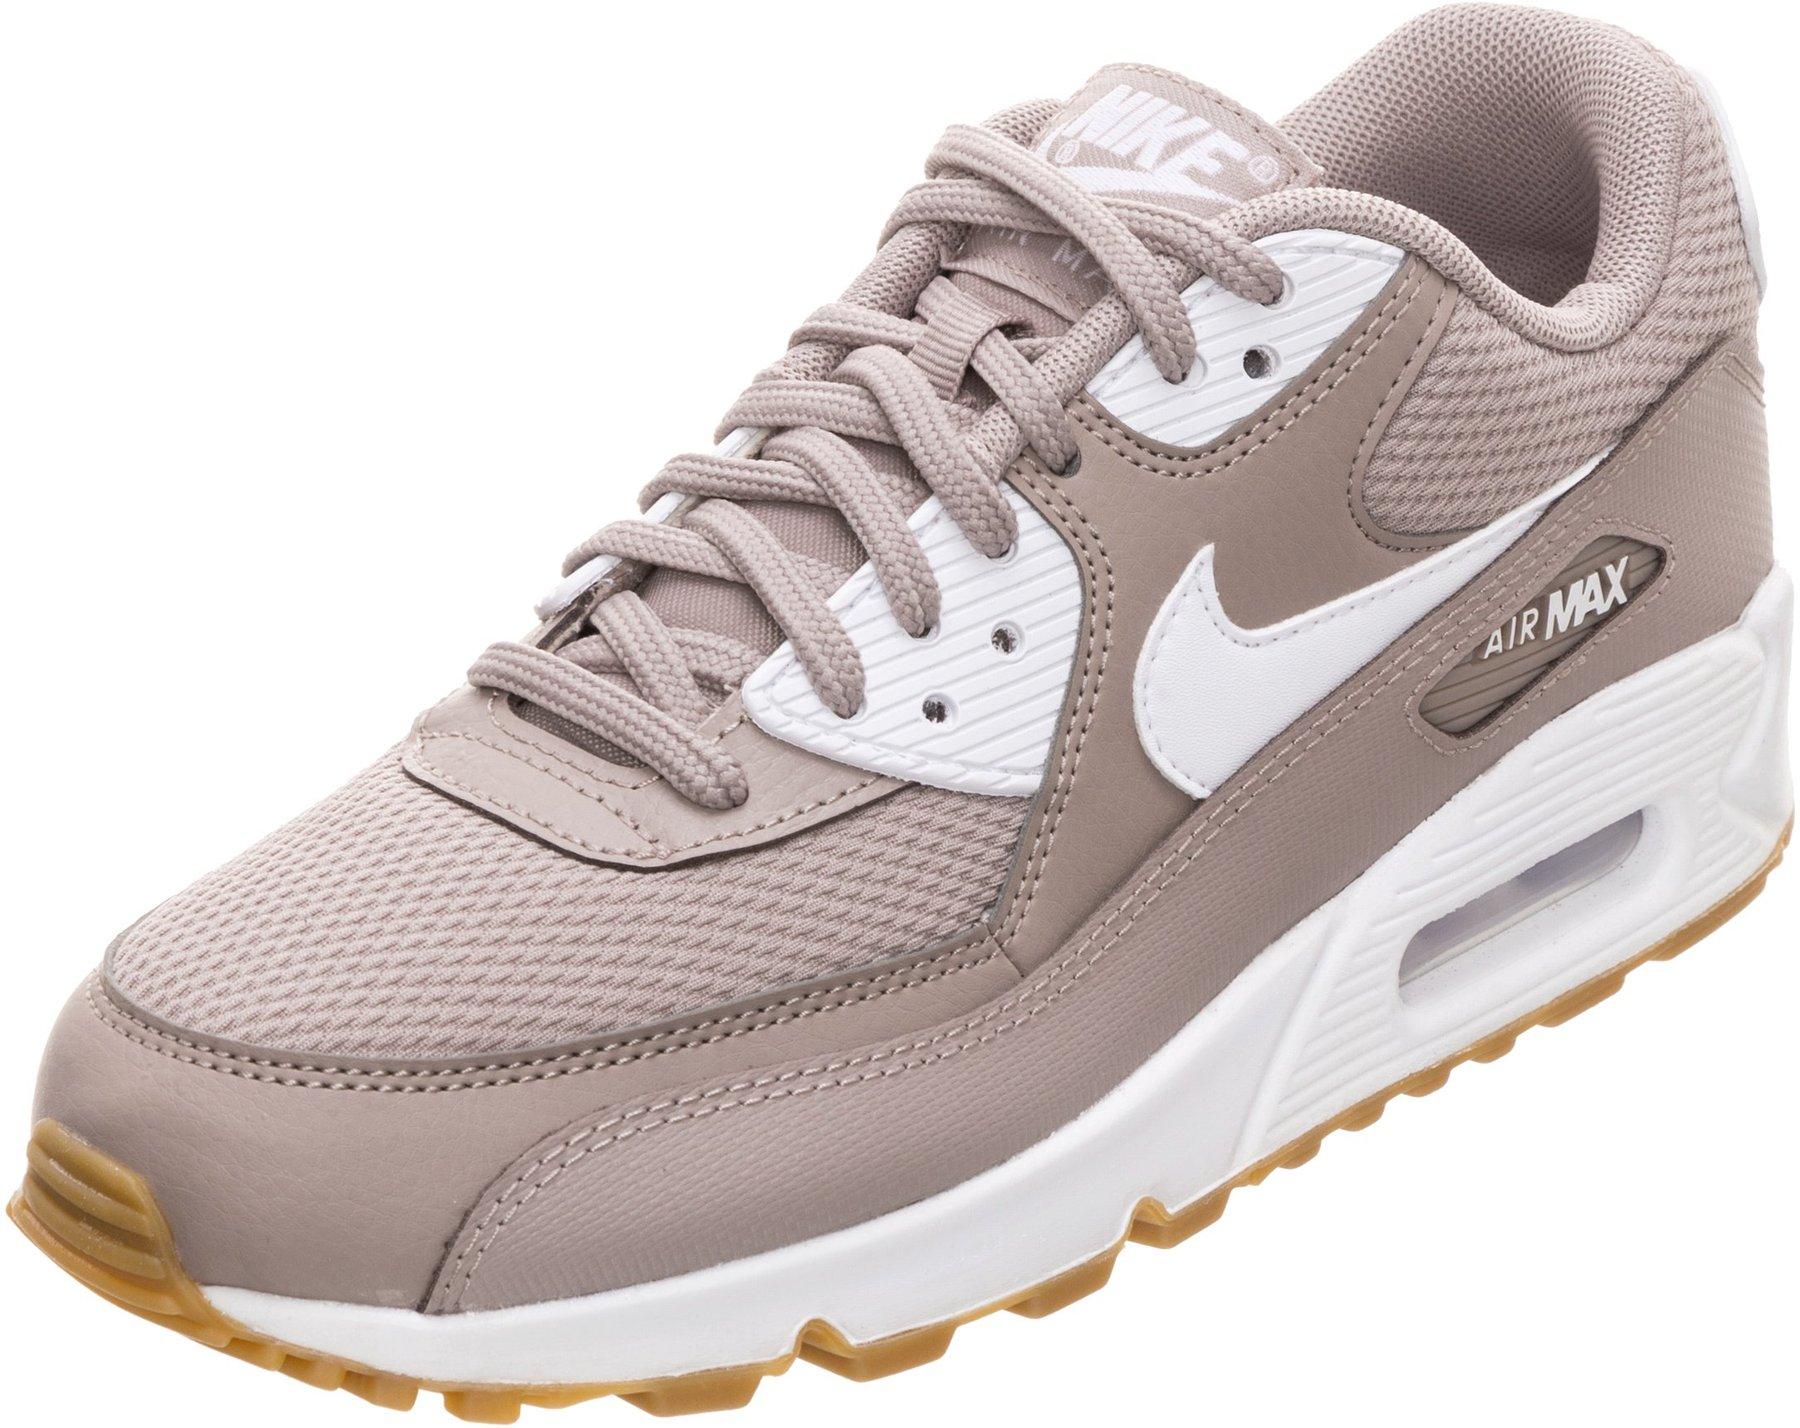 Nike Air Max Classic BW (GS) 309341 010, Größe 38,5: Amazon